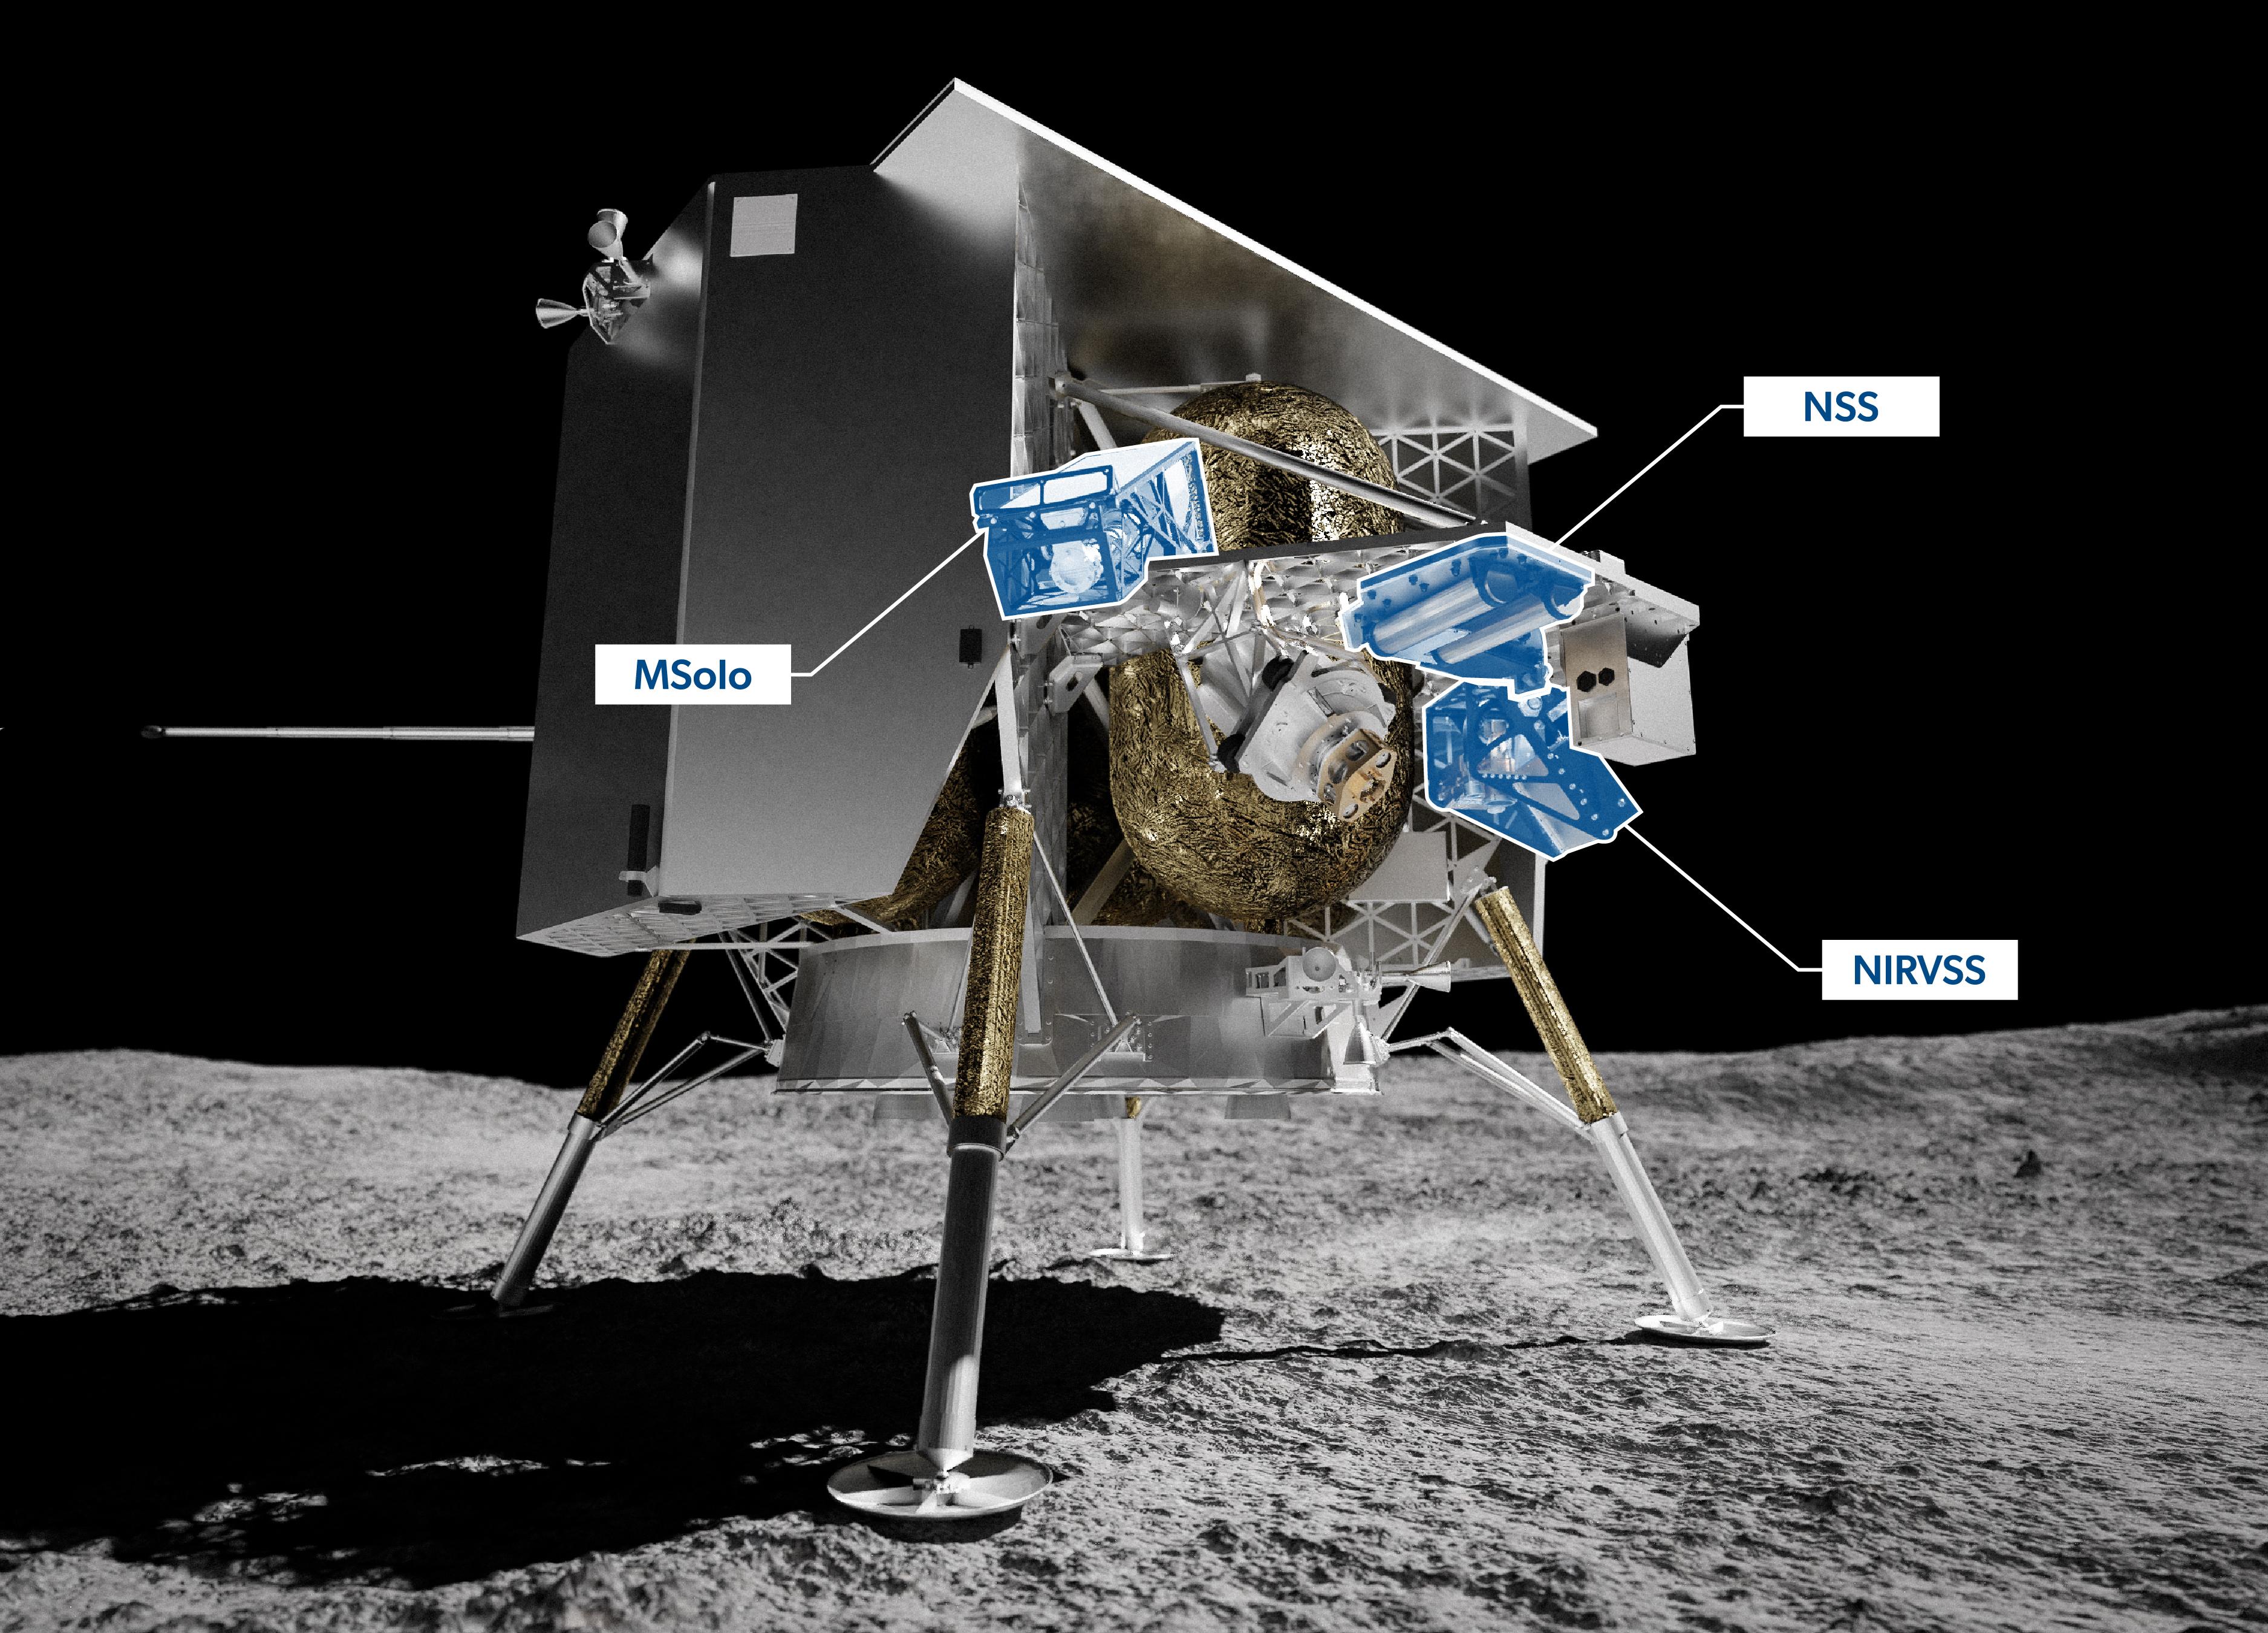 Začátkem příštího roku pošle Astrobotic na povrch Měsíce přistávací modul Peregrine s nákladem 28 zařízení